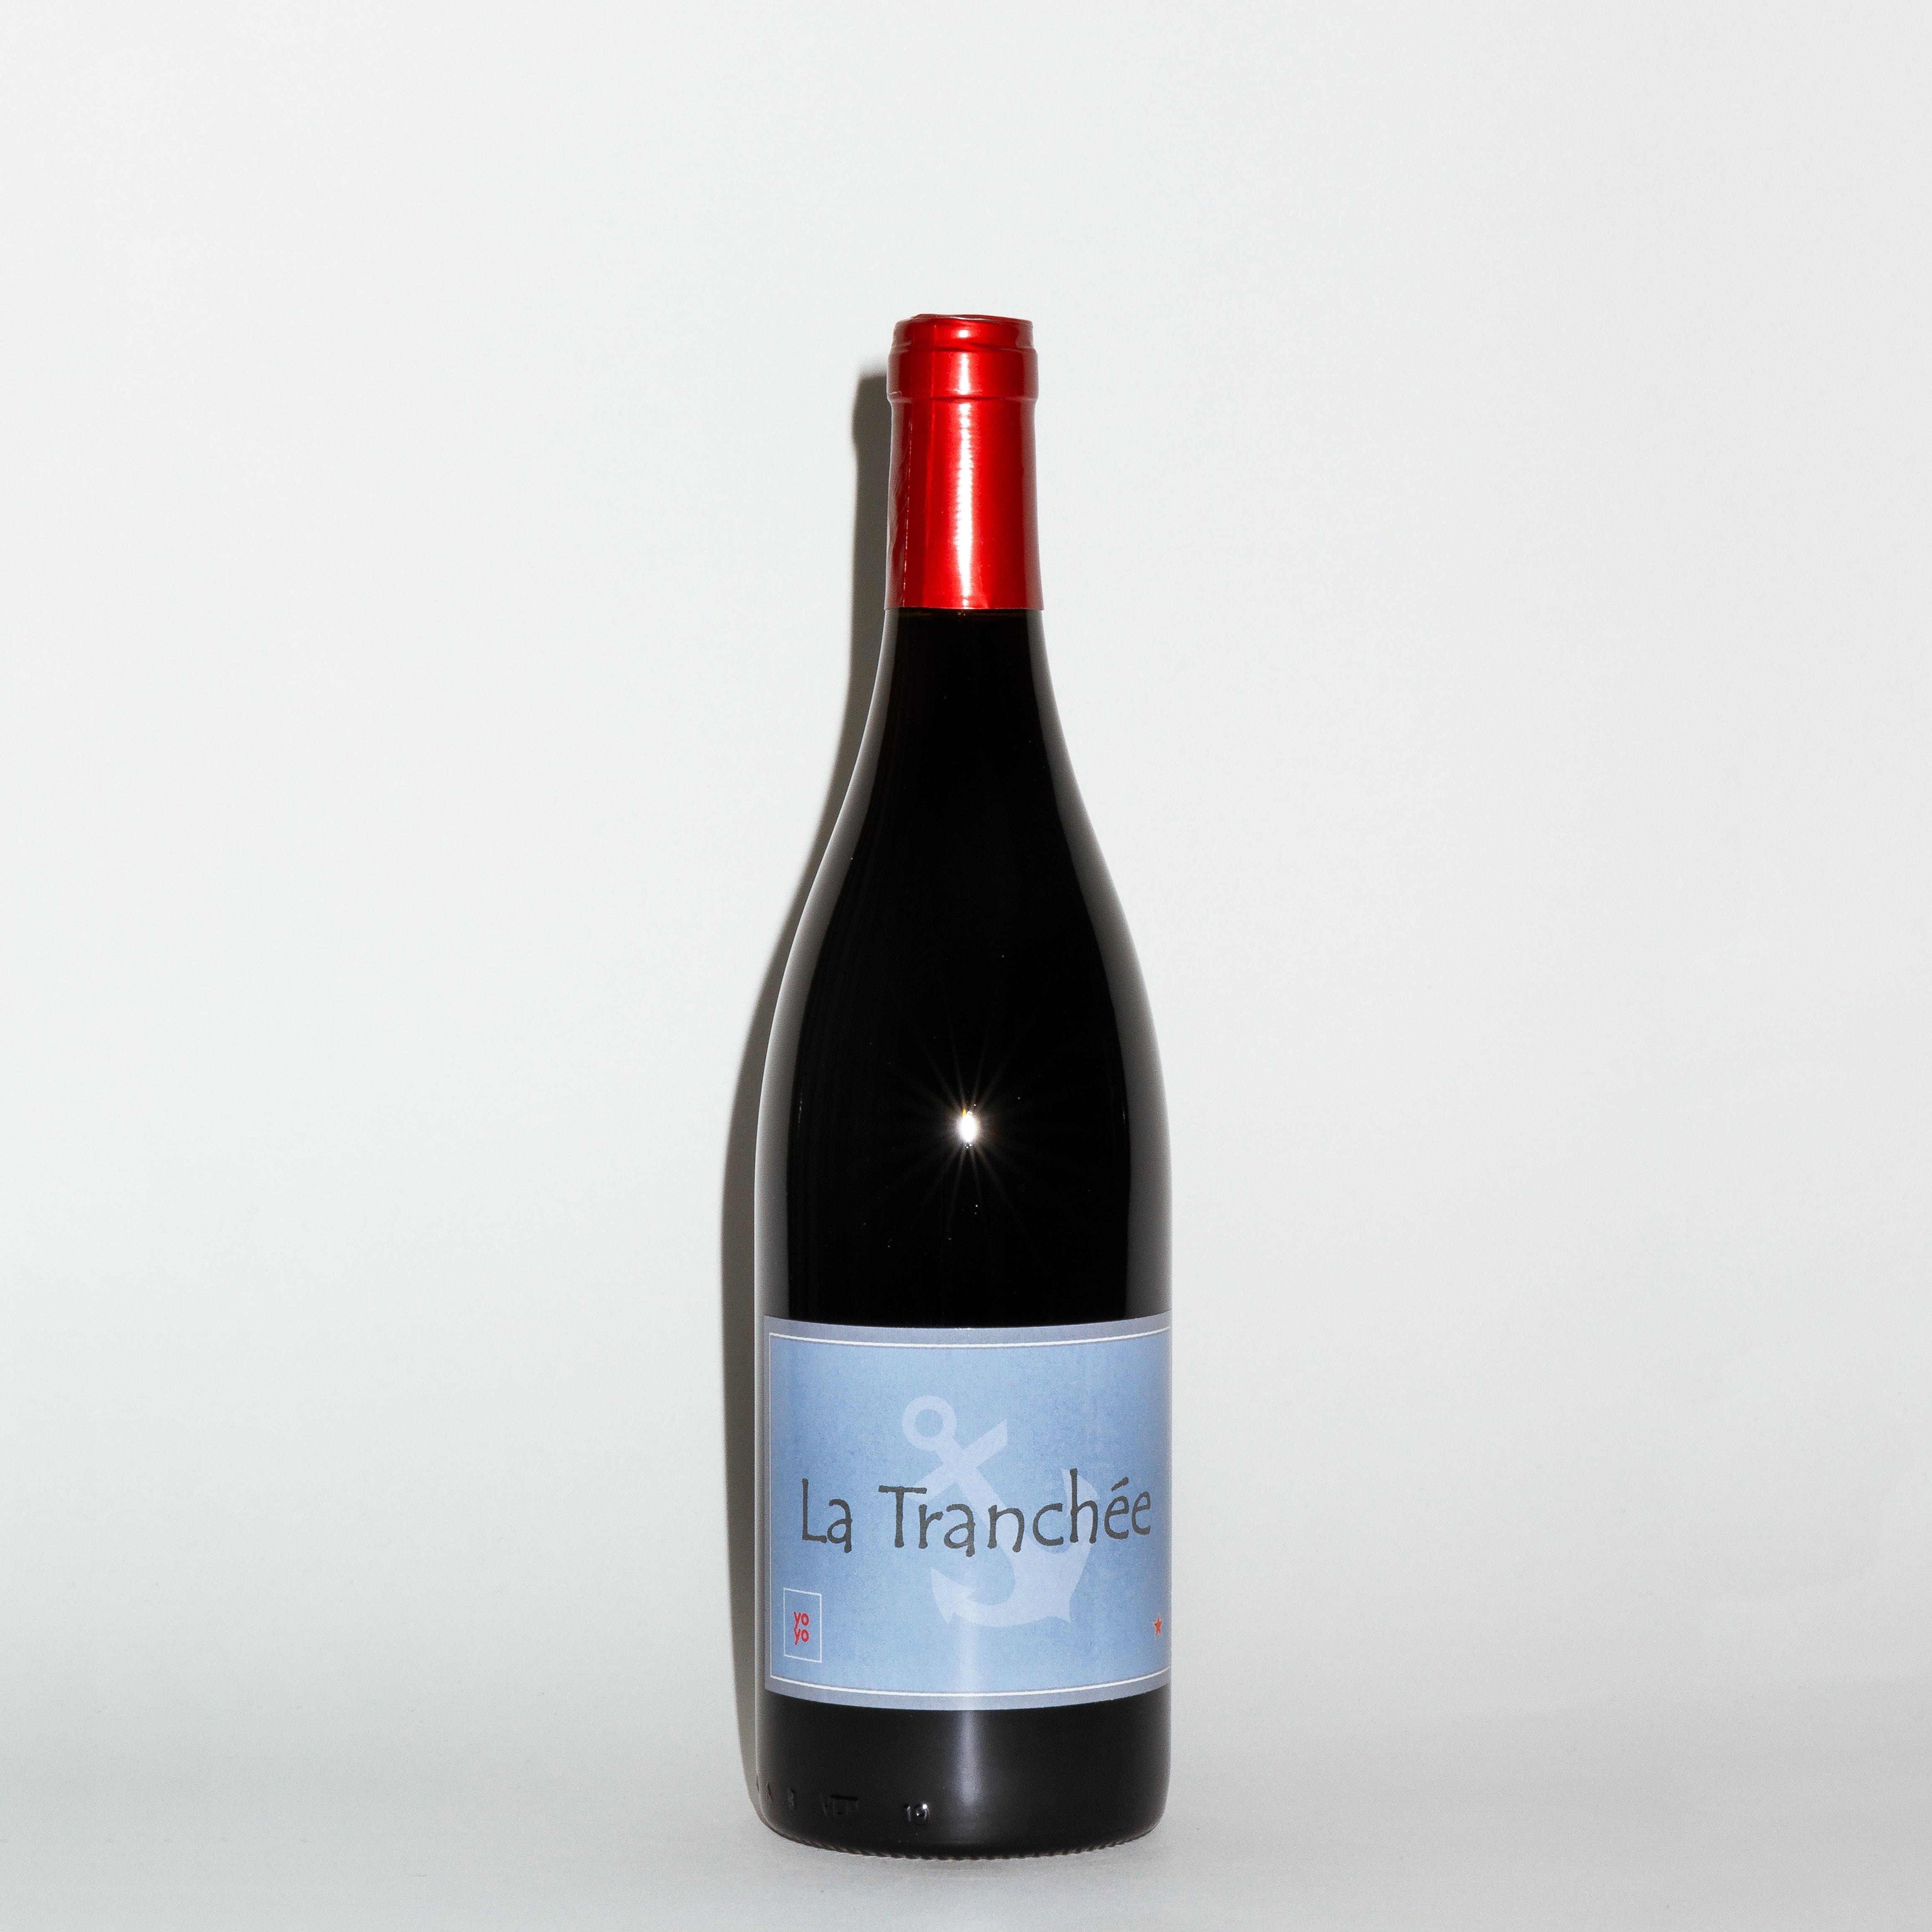 La Tranchée 2014 by Domaine Yoyo